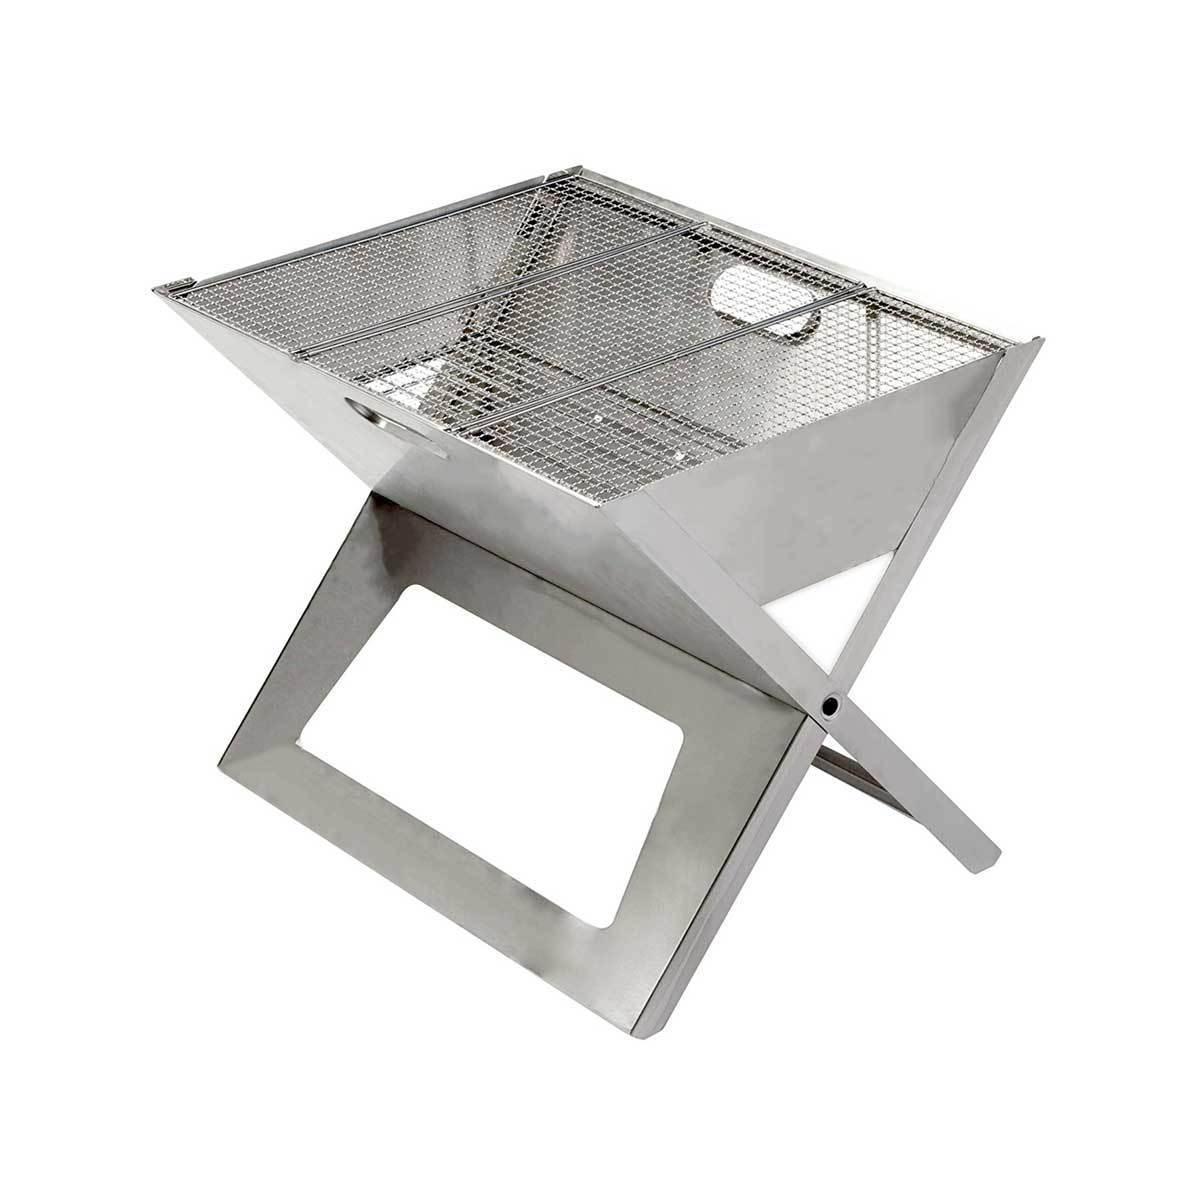 薄さ3cmのバーベキューグリル|《セット》収納も持ち運びもカンタン!畳めるバーベキューグリル|Notebook